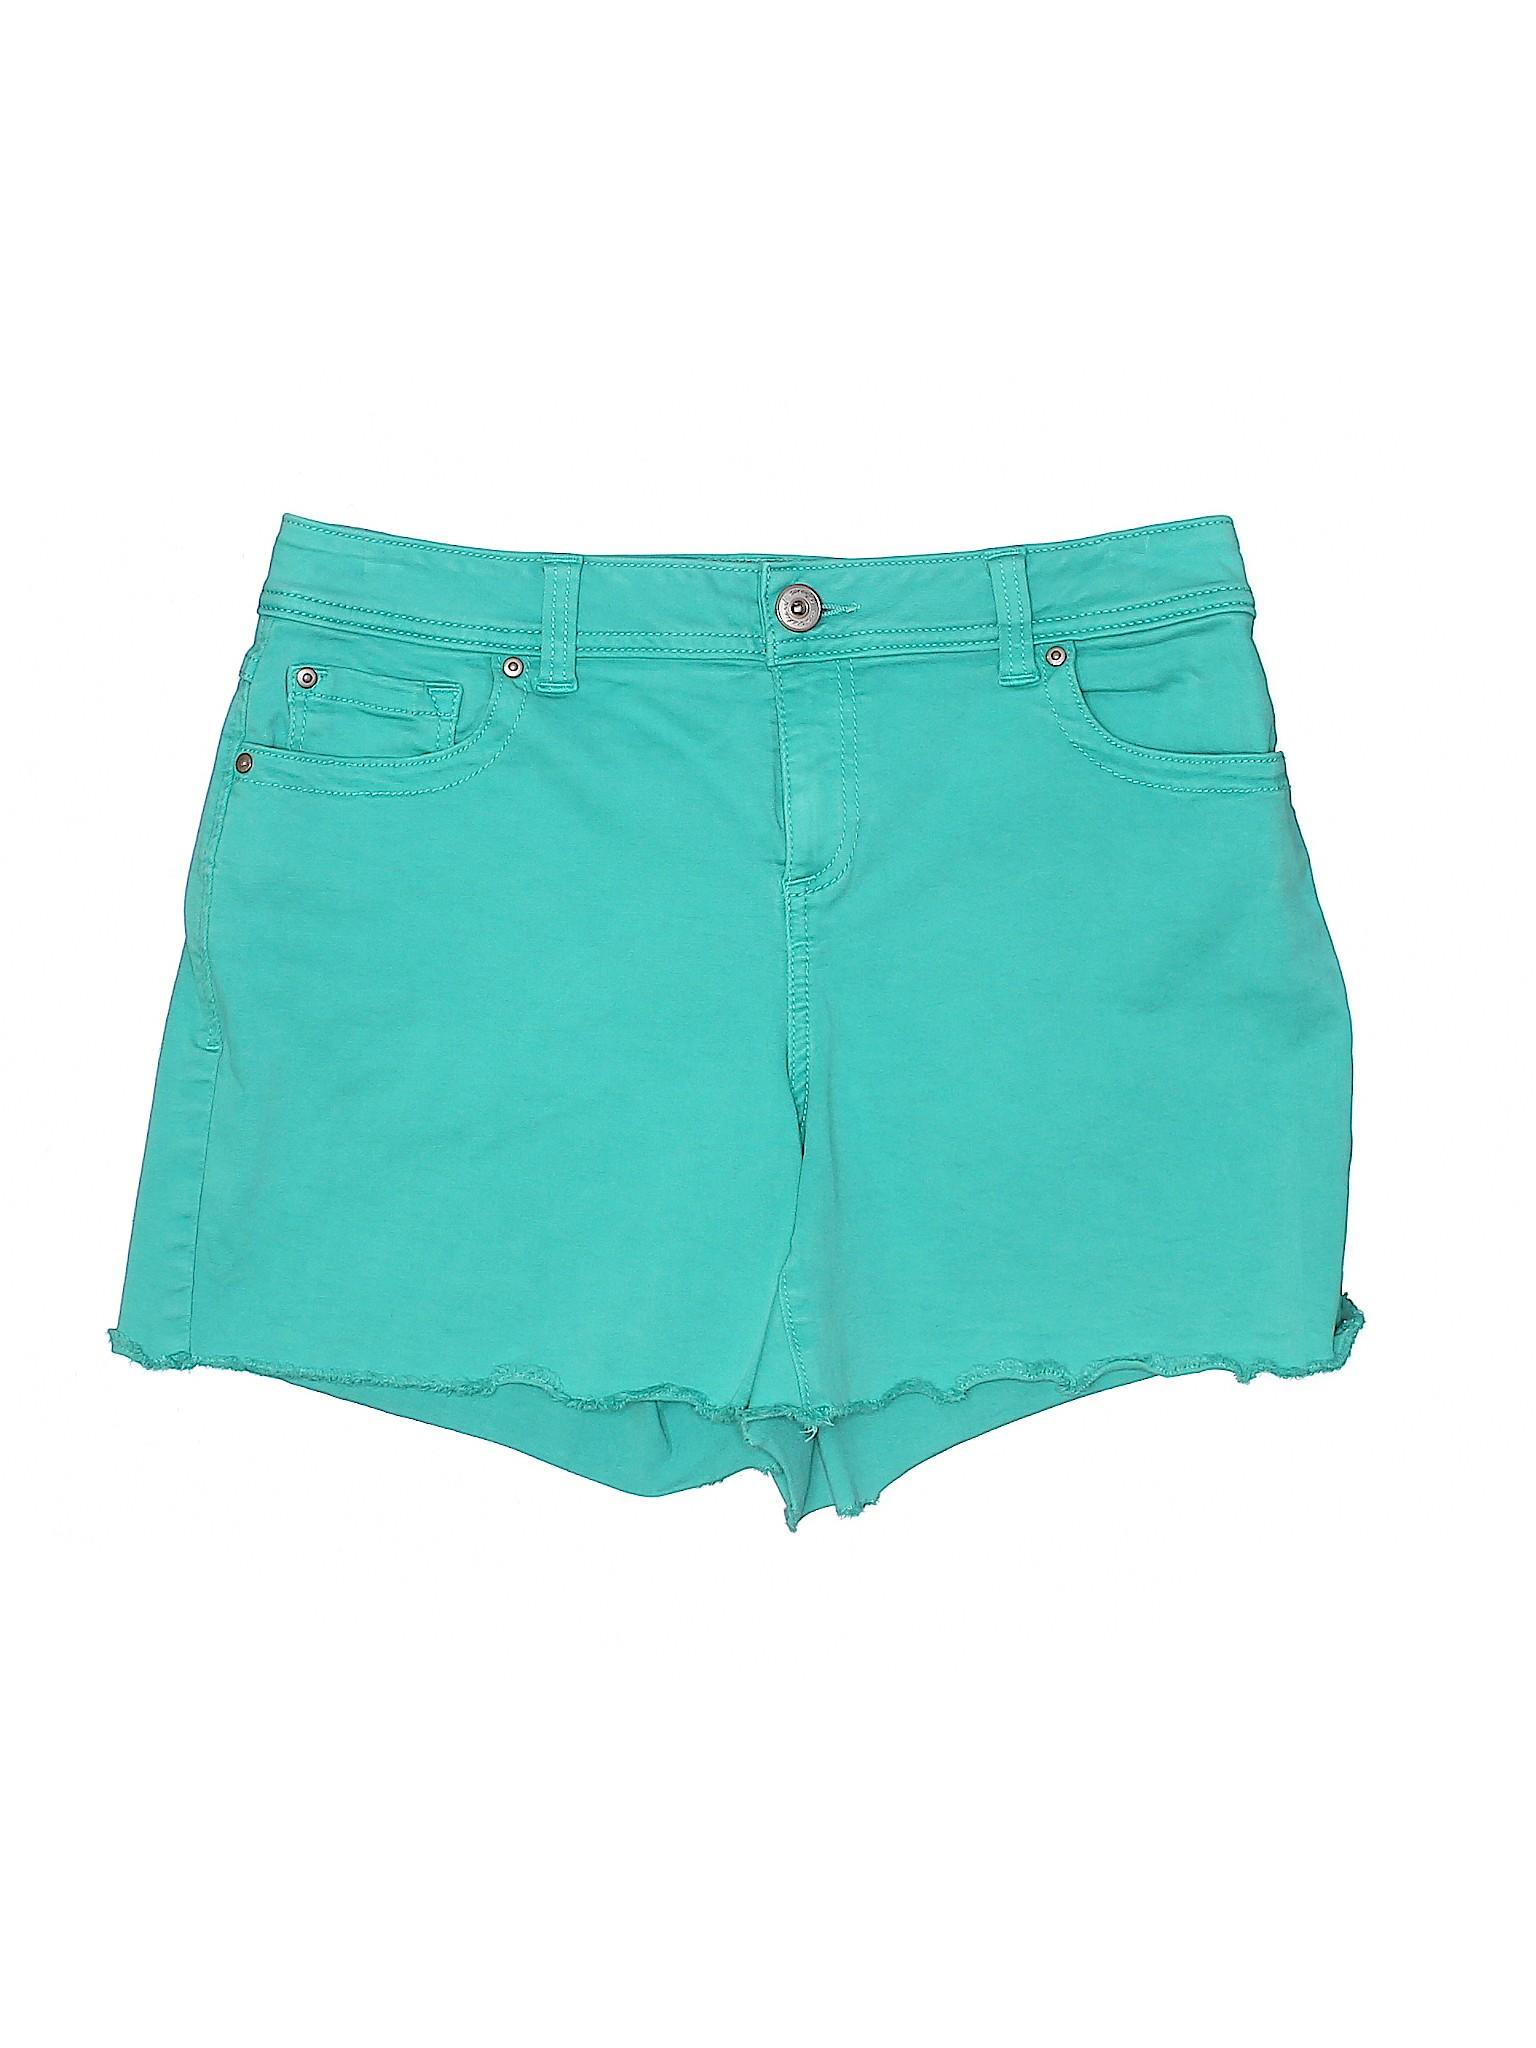 Concepts INC Boutique International Denim Shorts W4gBc